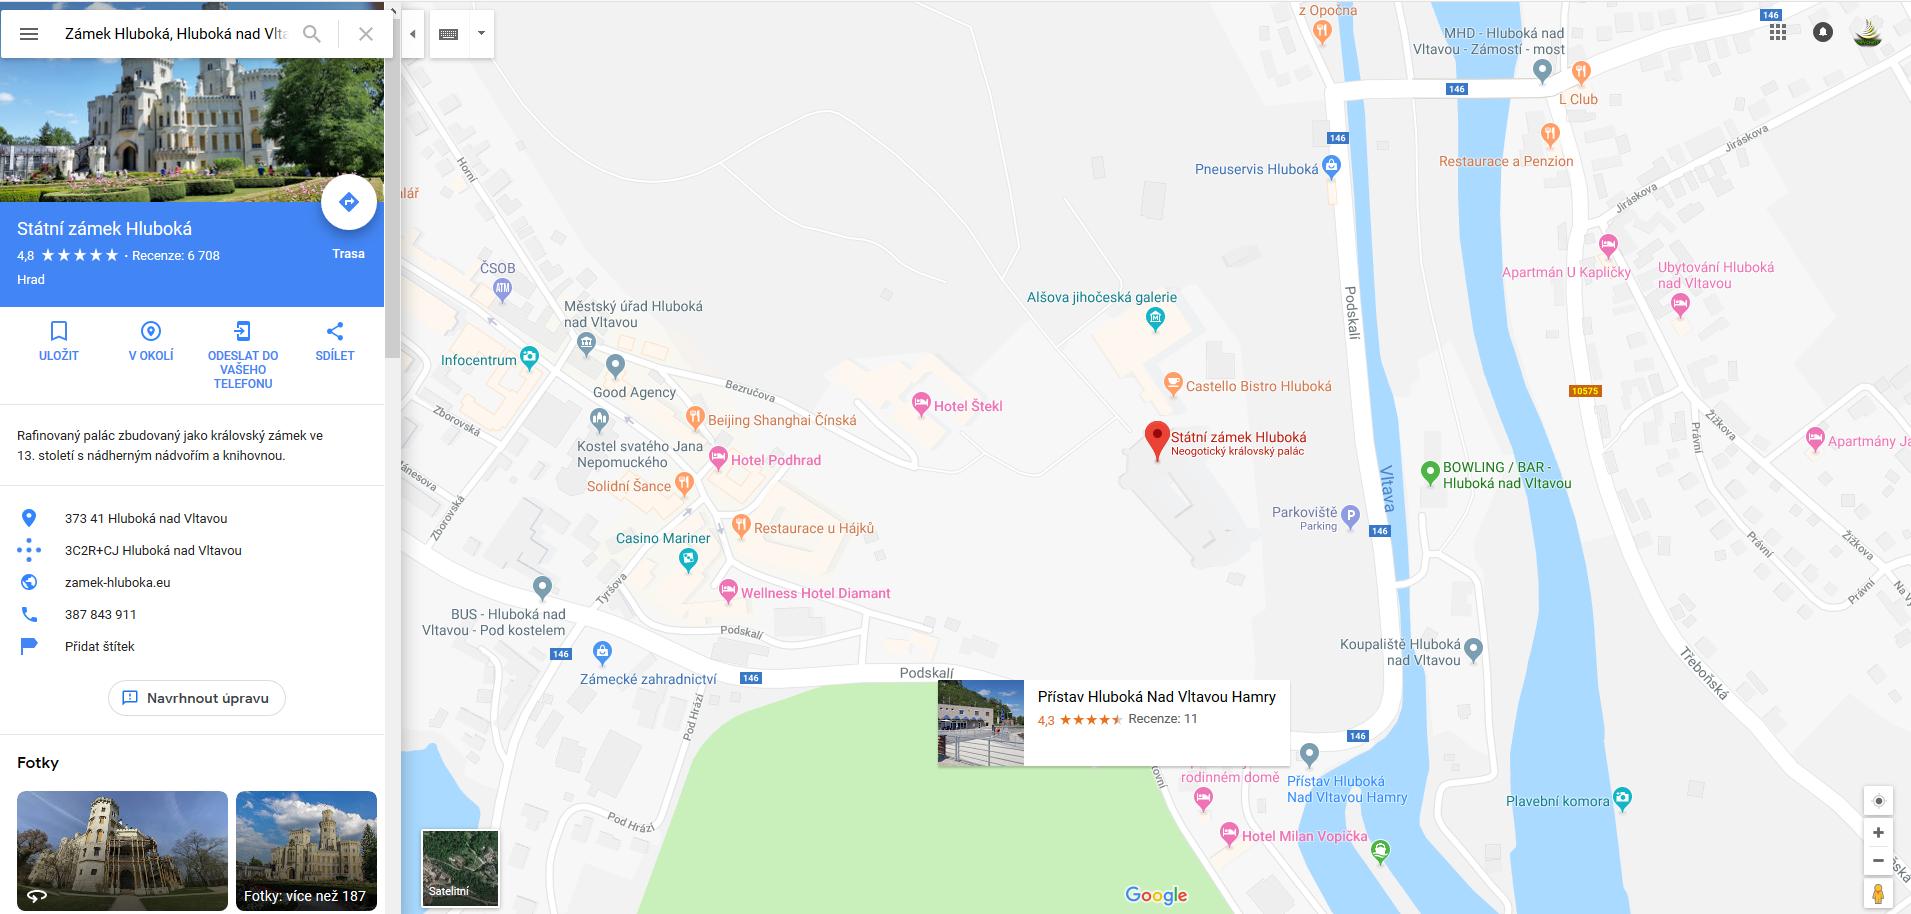 https://www.kempy-chaty.cz/sites/default/files/turistika/zamek_hluboka.png